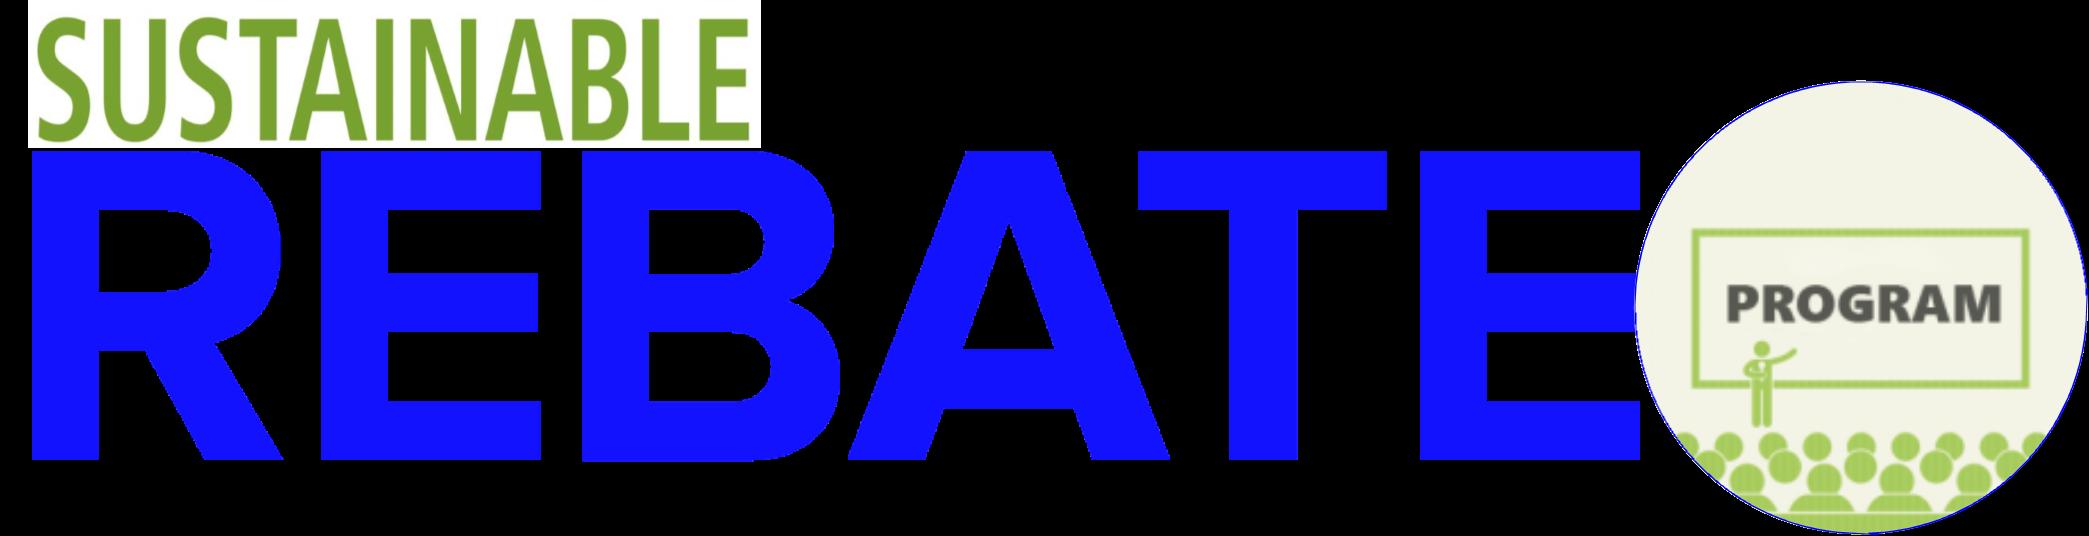 Rebate Processing Companies